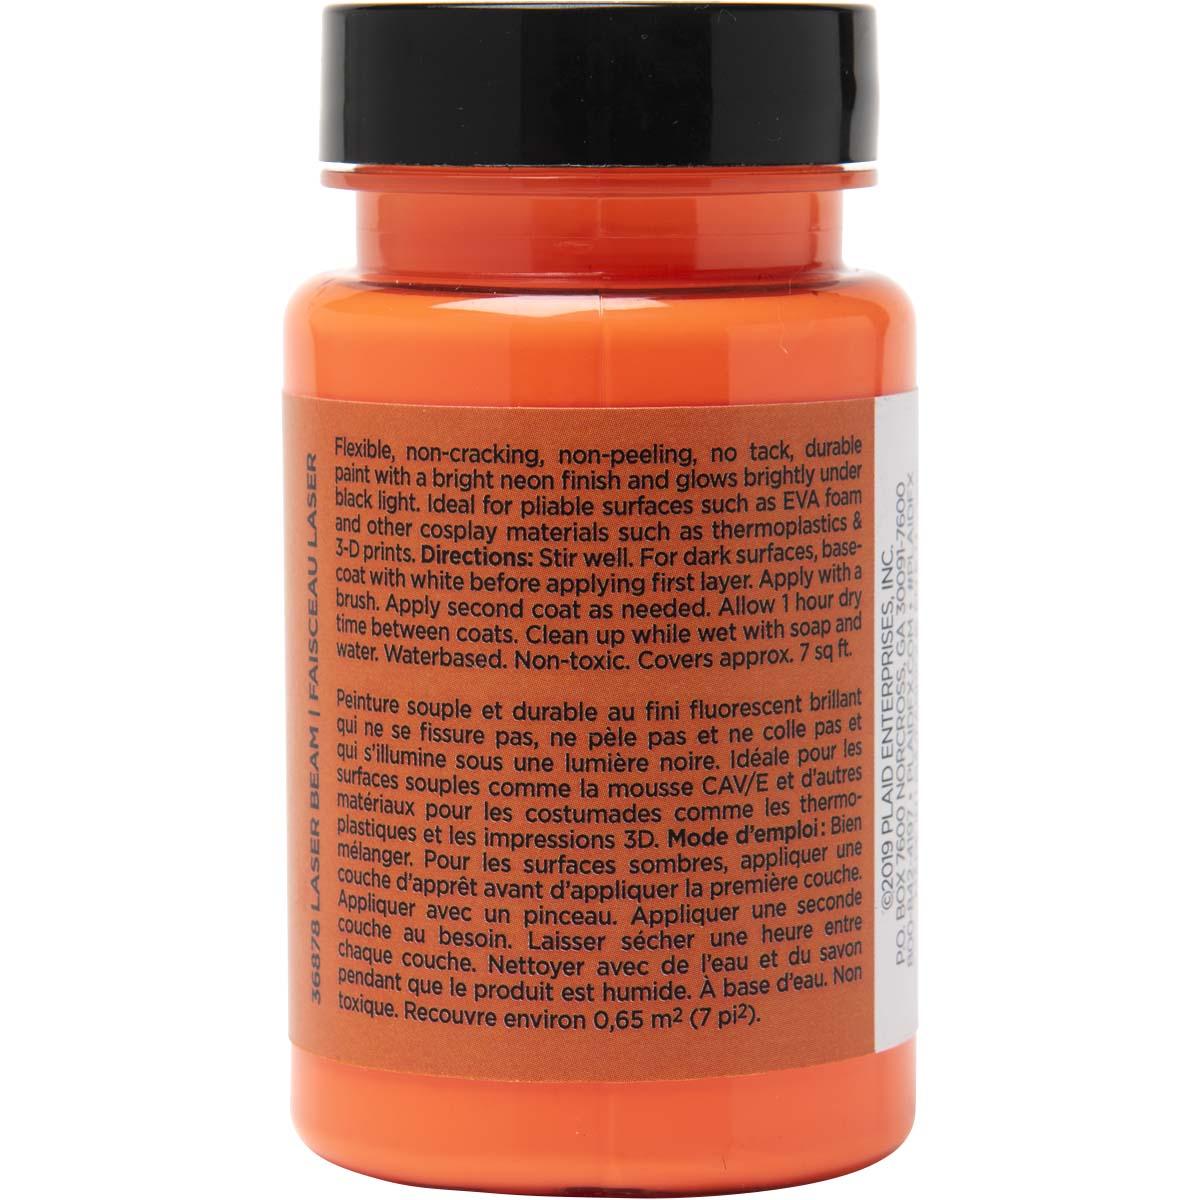 PlaidFX Nuclear Neon Flexible Acrylic Paint - Laser Beam, 3 oz. - 36878